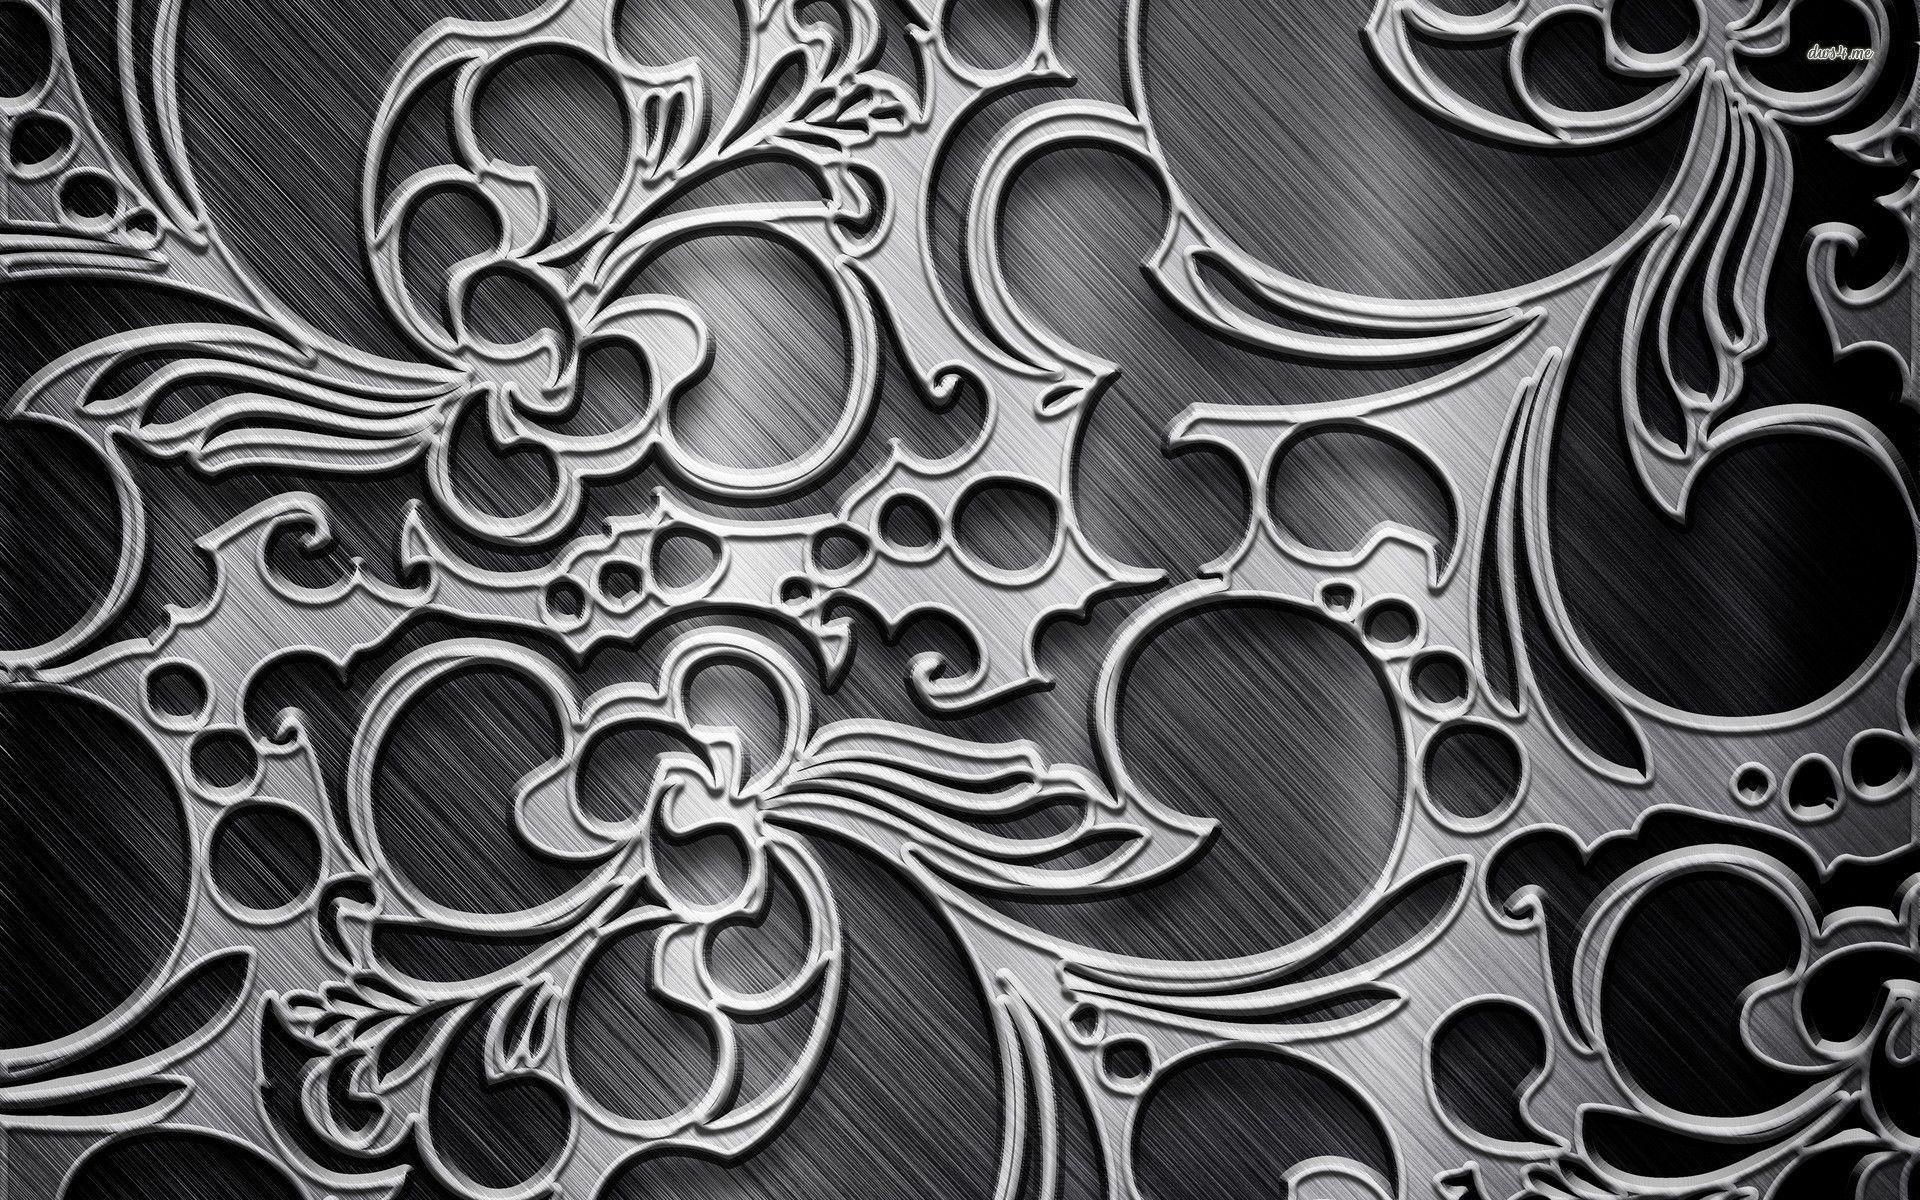 Metal Engraving Wallpaper Metal Engraving Design Metal Engraving Abstract Wallpaper